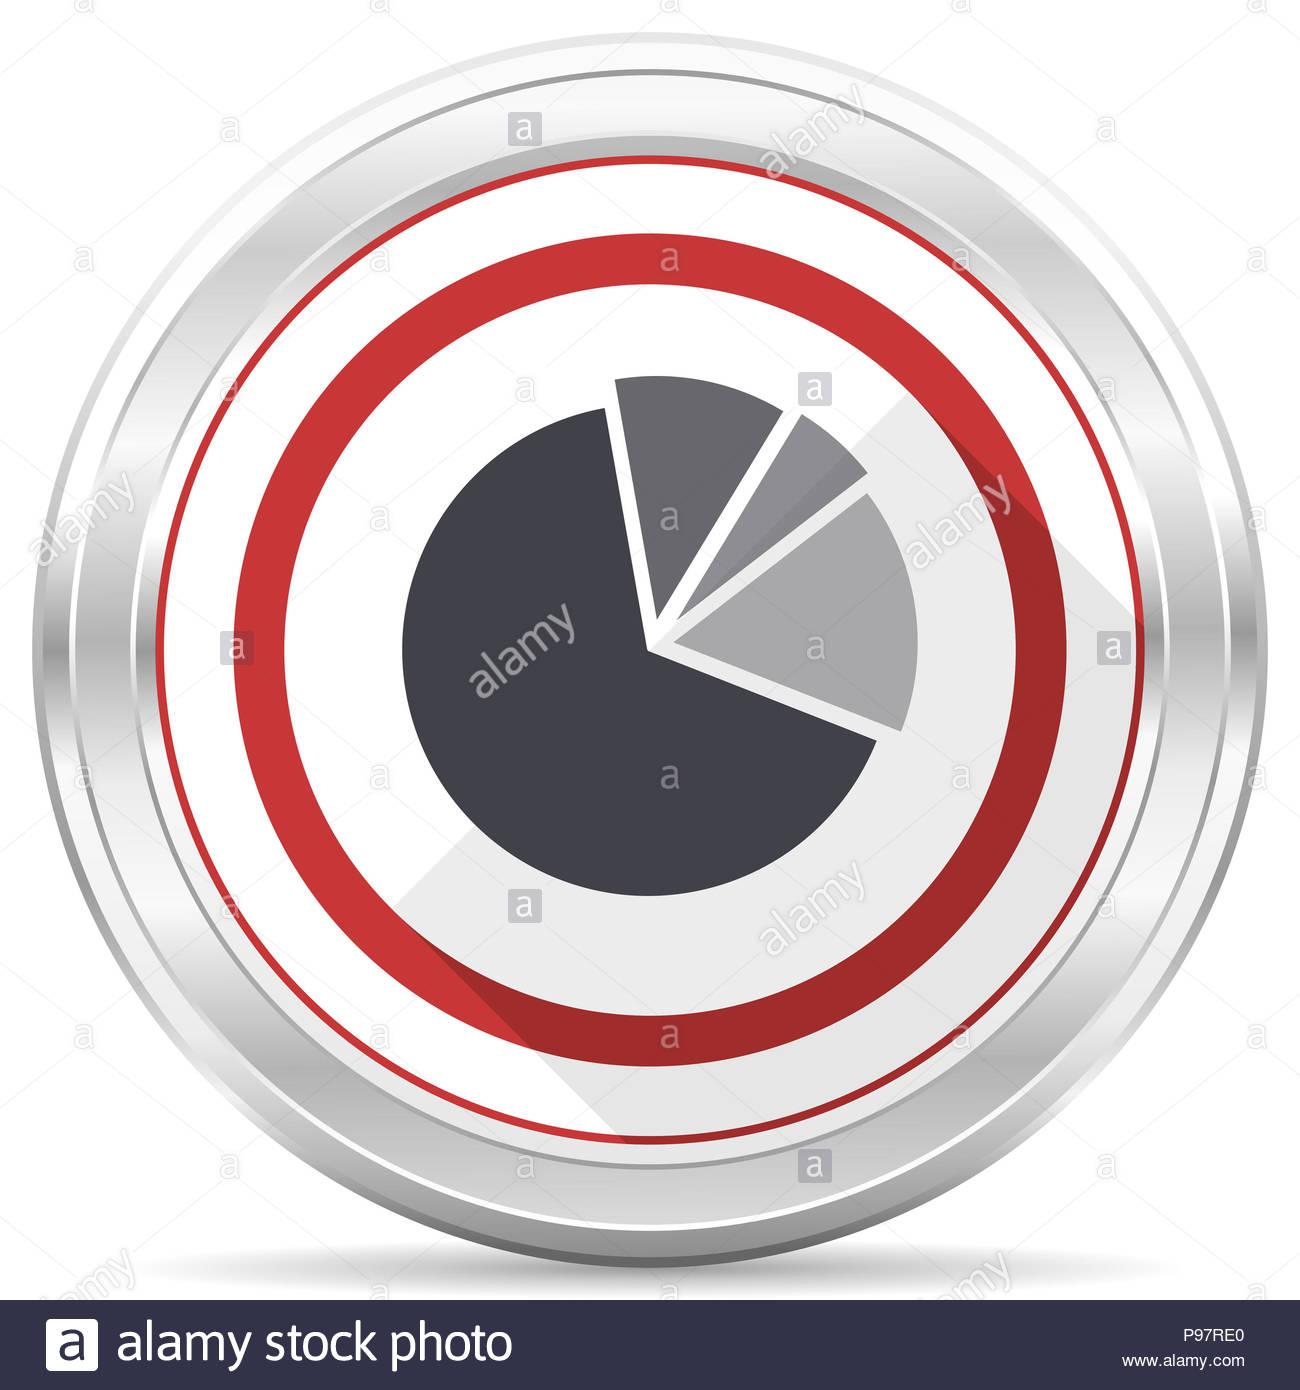 hight resolution of diagram silver metallic chrome border round web icon on white background